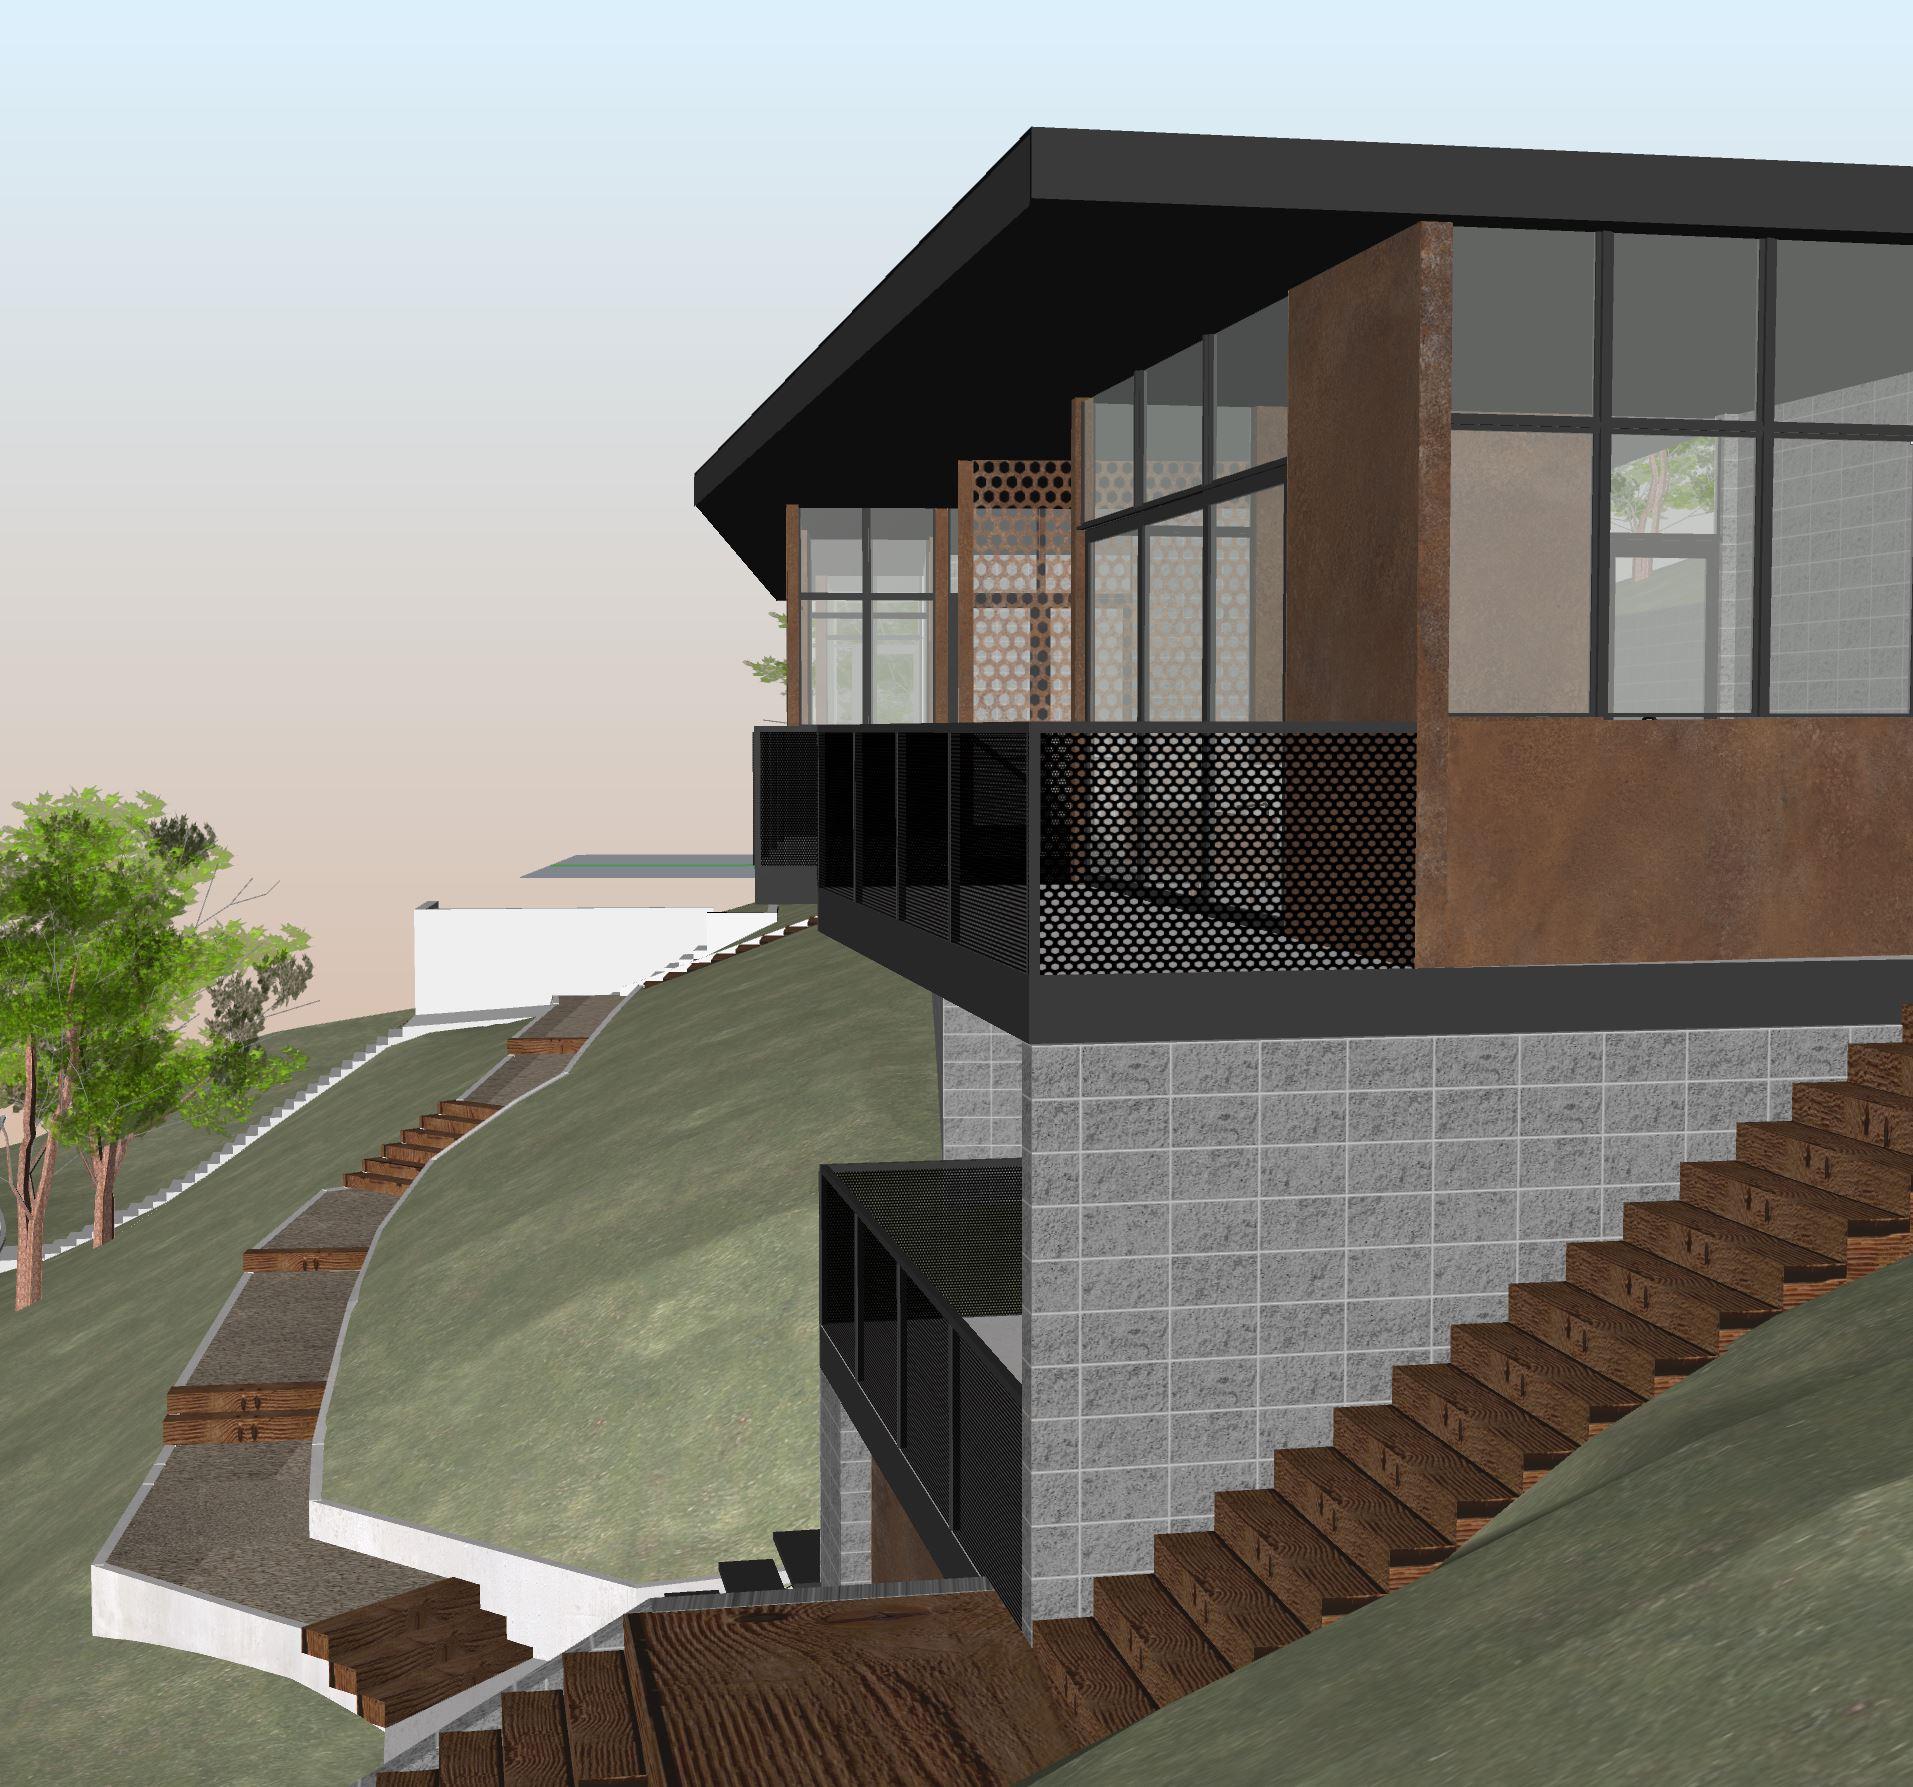 2017-08-01 Roof-Peel_Page_3.jpg